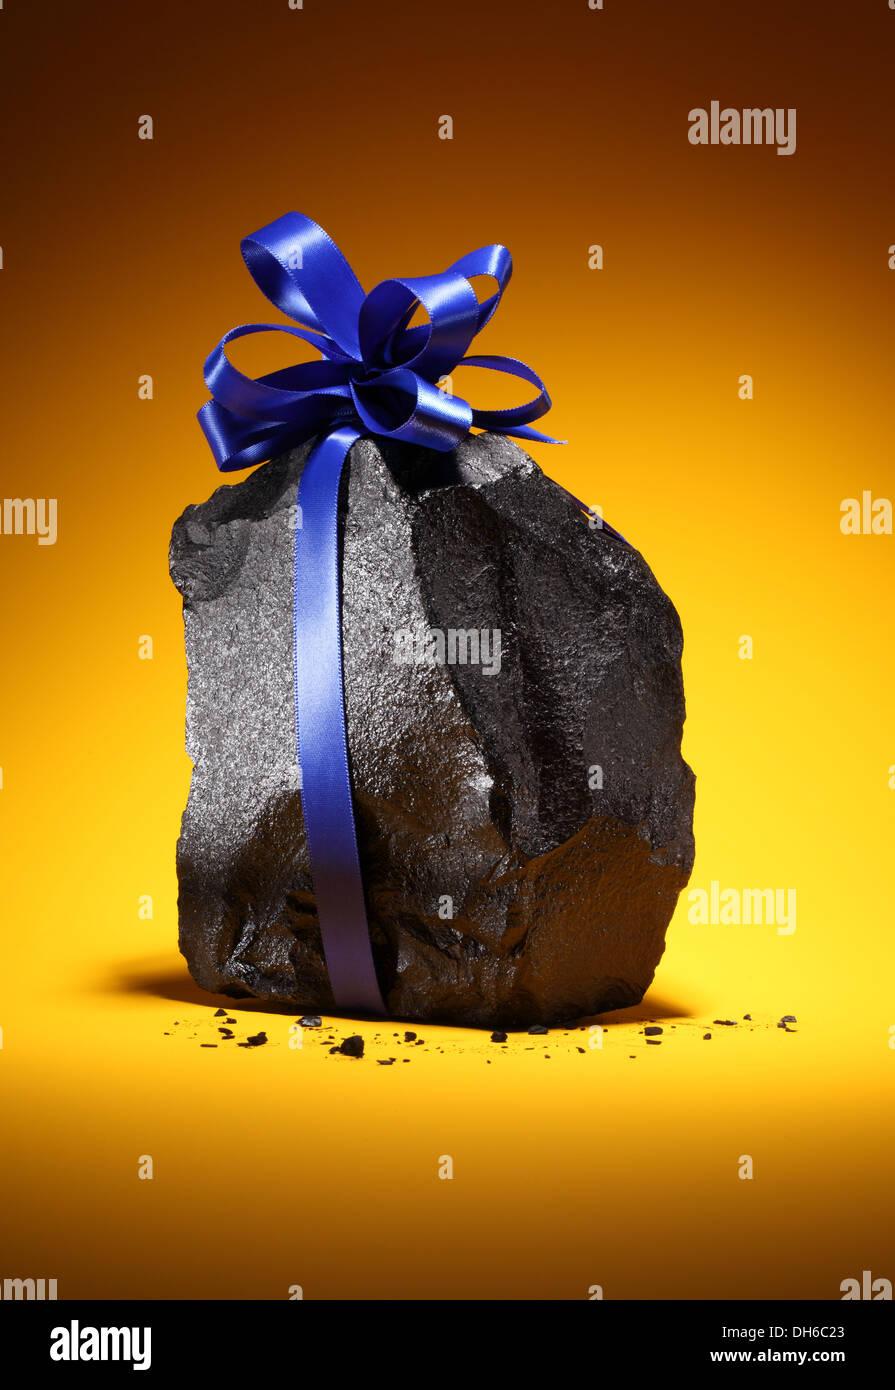 Un morceau de charbon noir noir avec un ruban bleu attachée autour de lui. Fond orange vif. Photo Stock